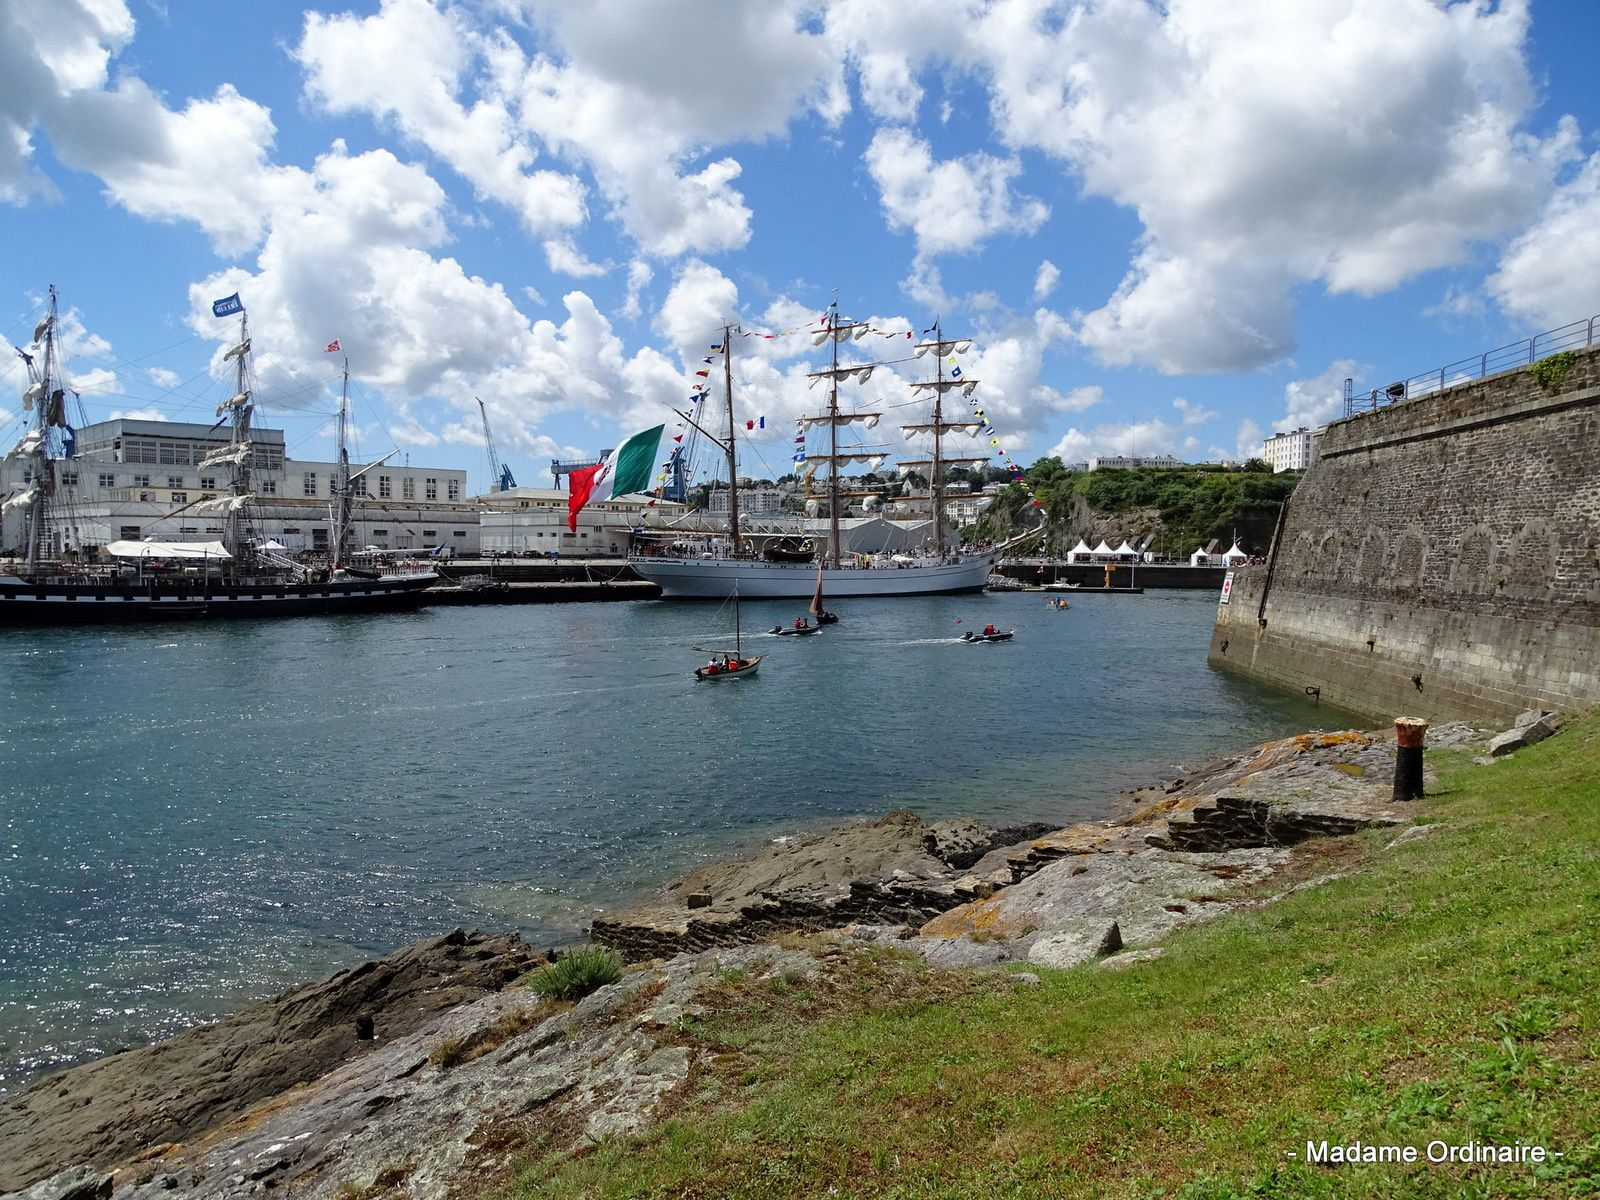 Les Fêtes Maritimes de Brest 2016